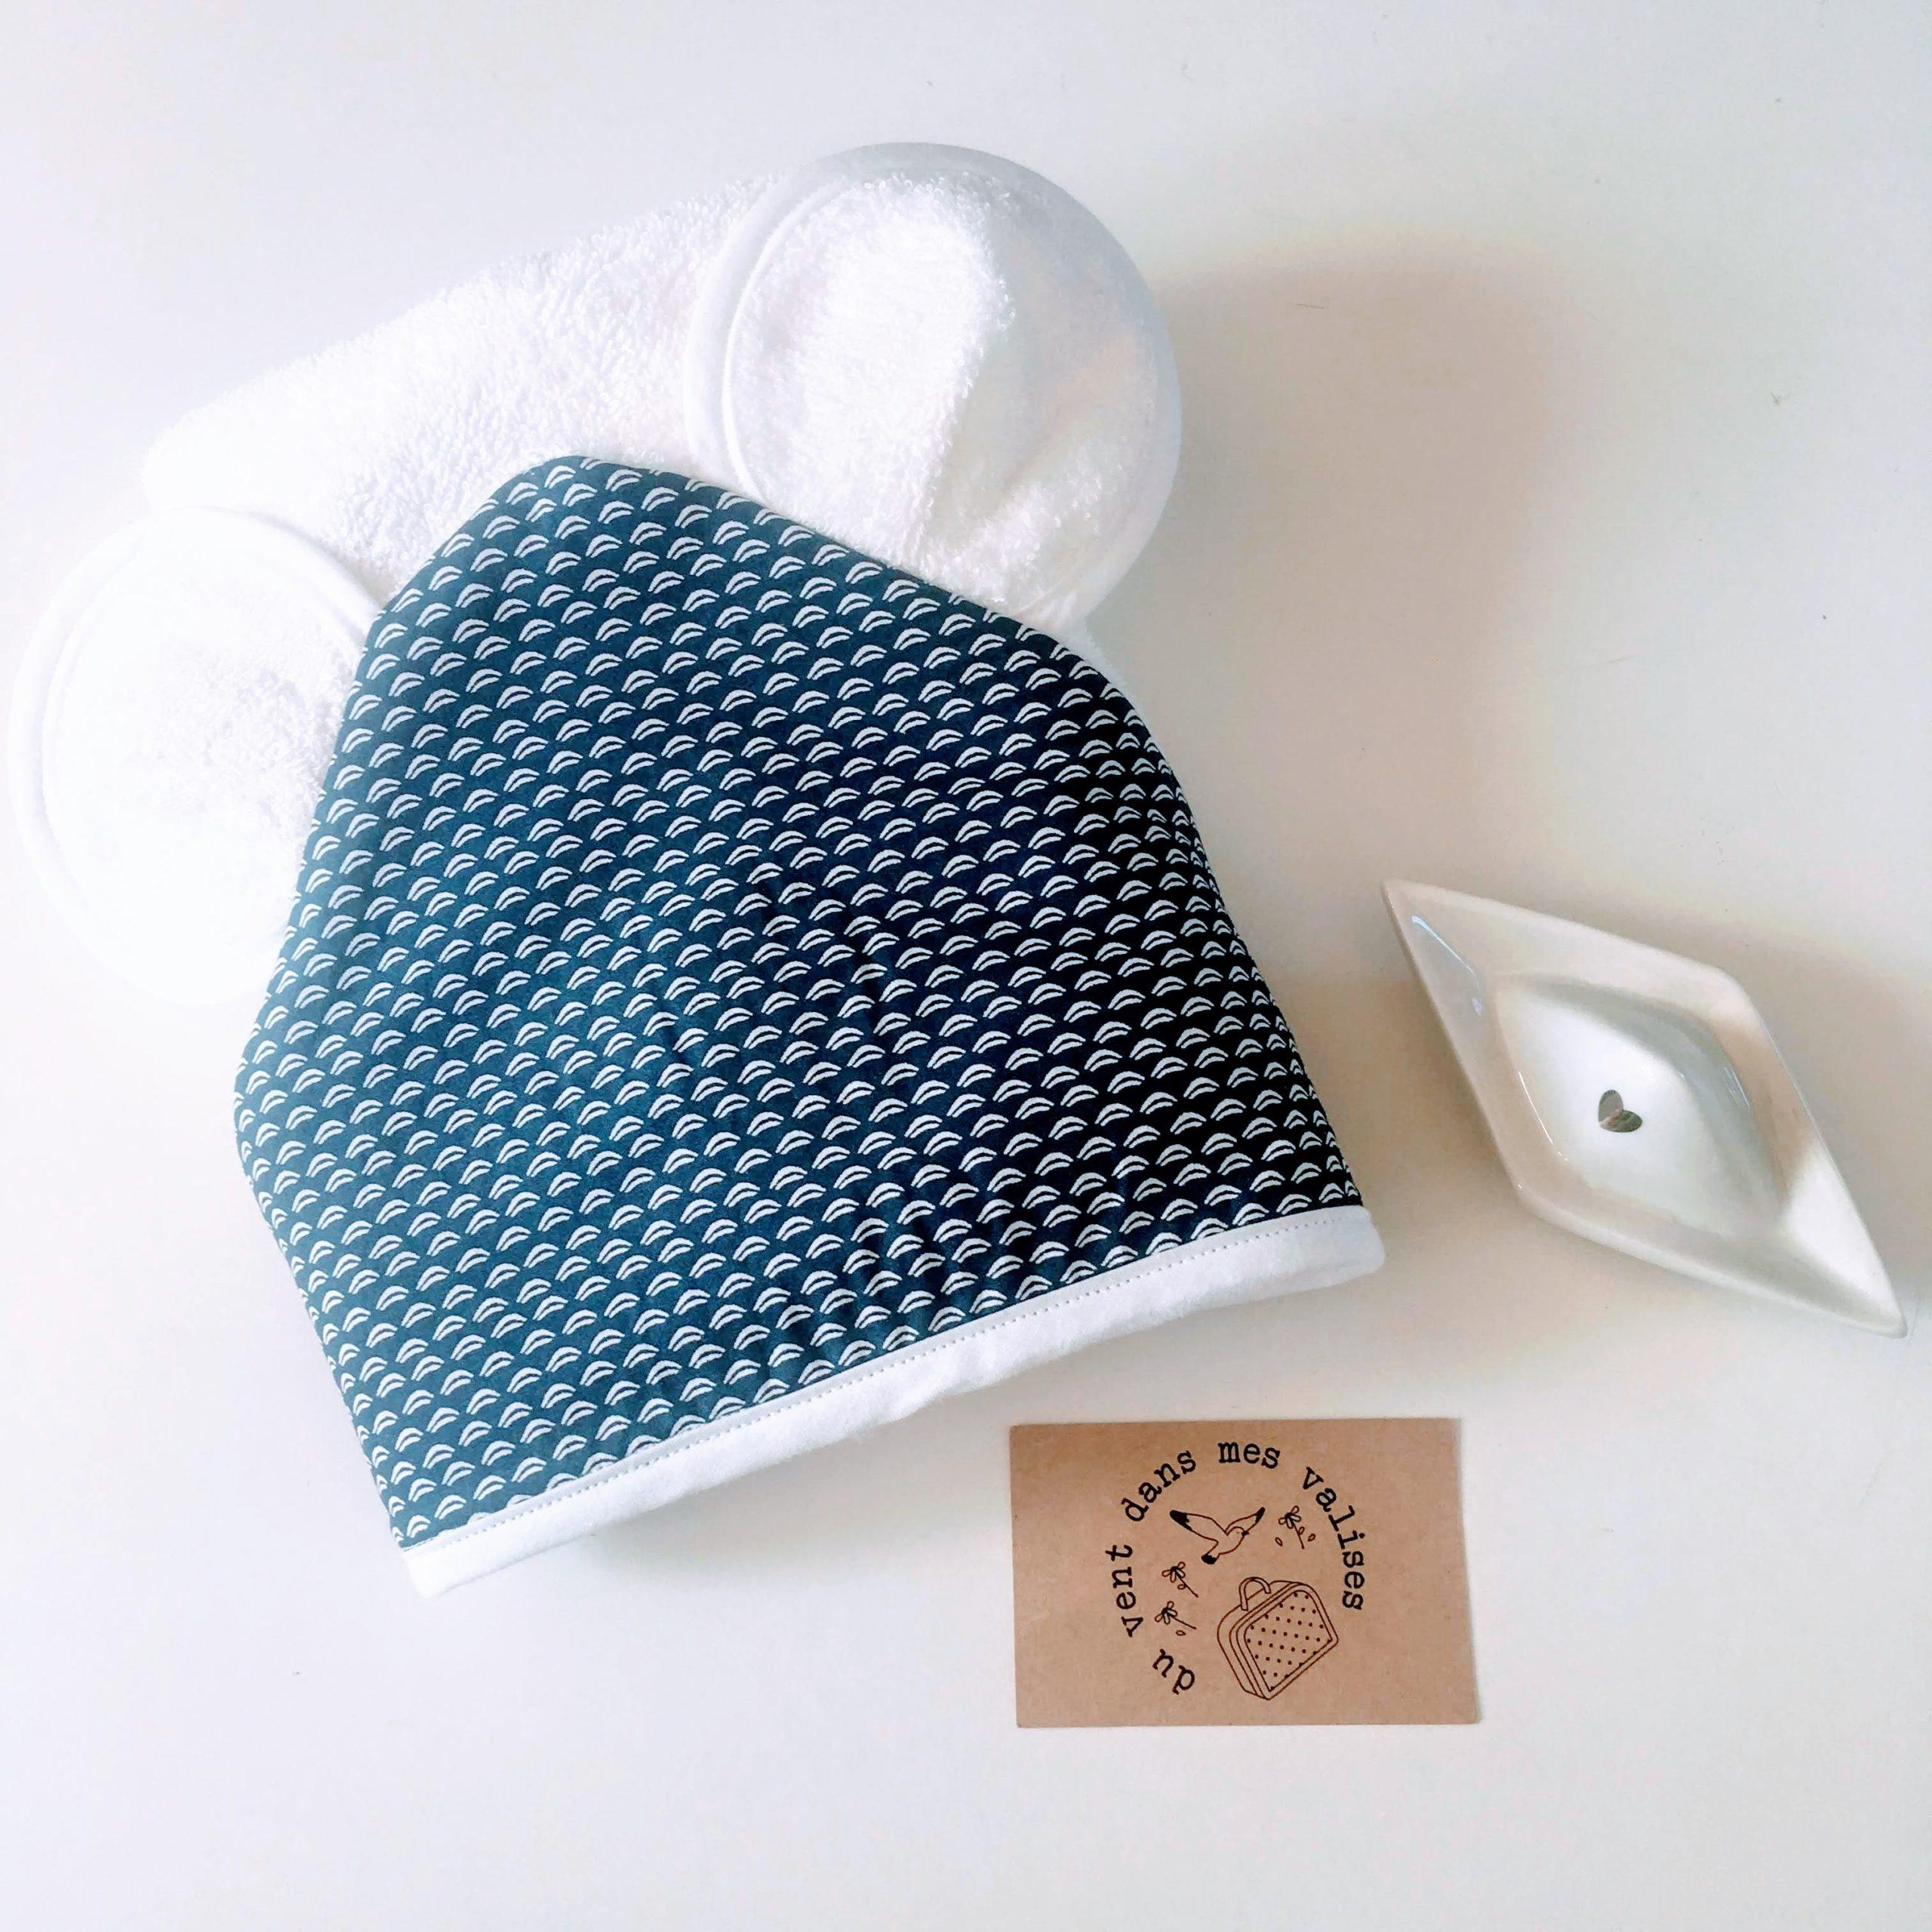 du vent dans mes valises - cape de bain bébé oreilles ourson doublure vagues marine made in France